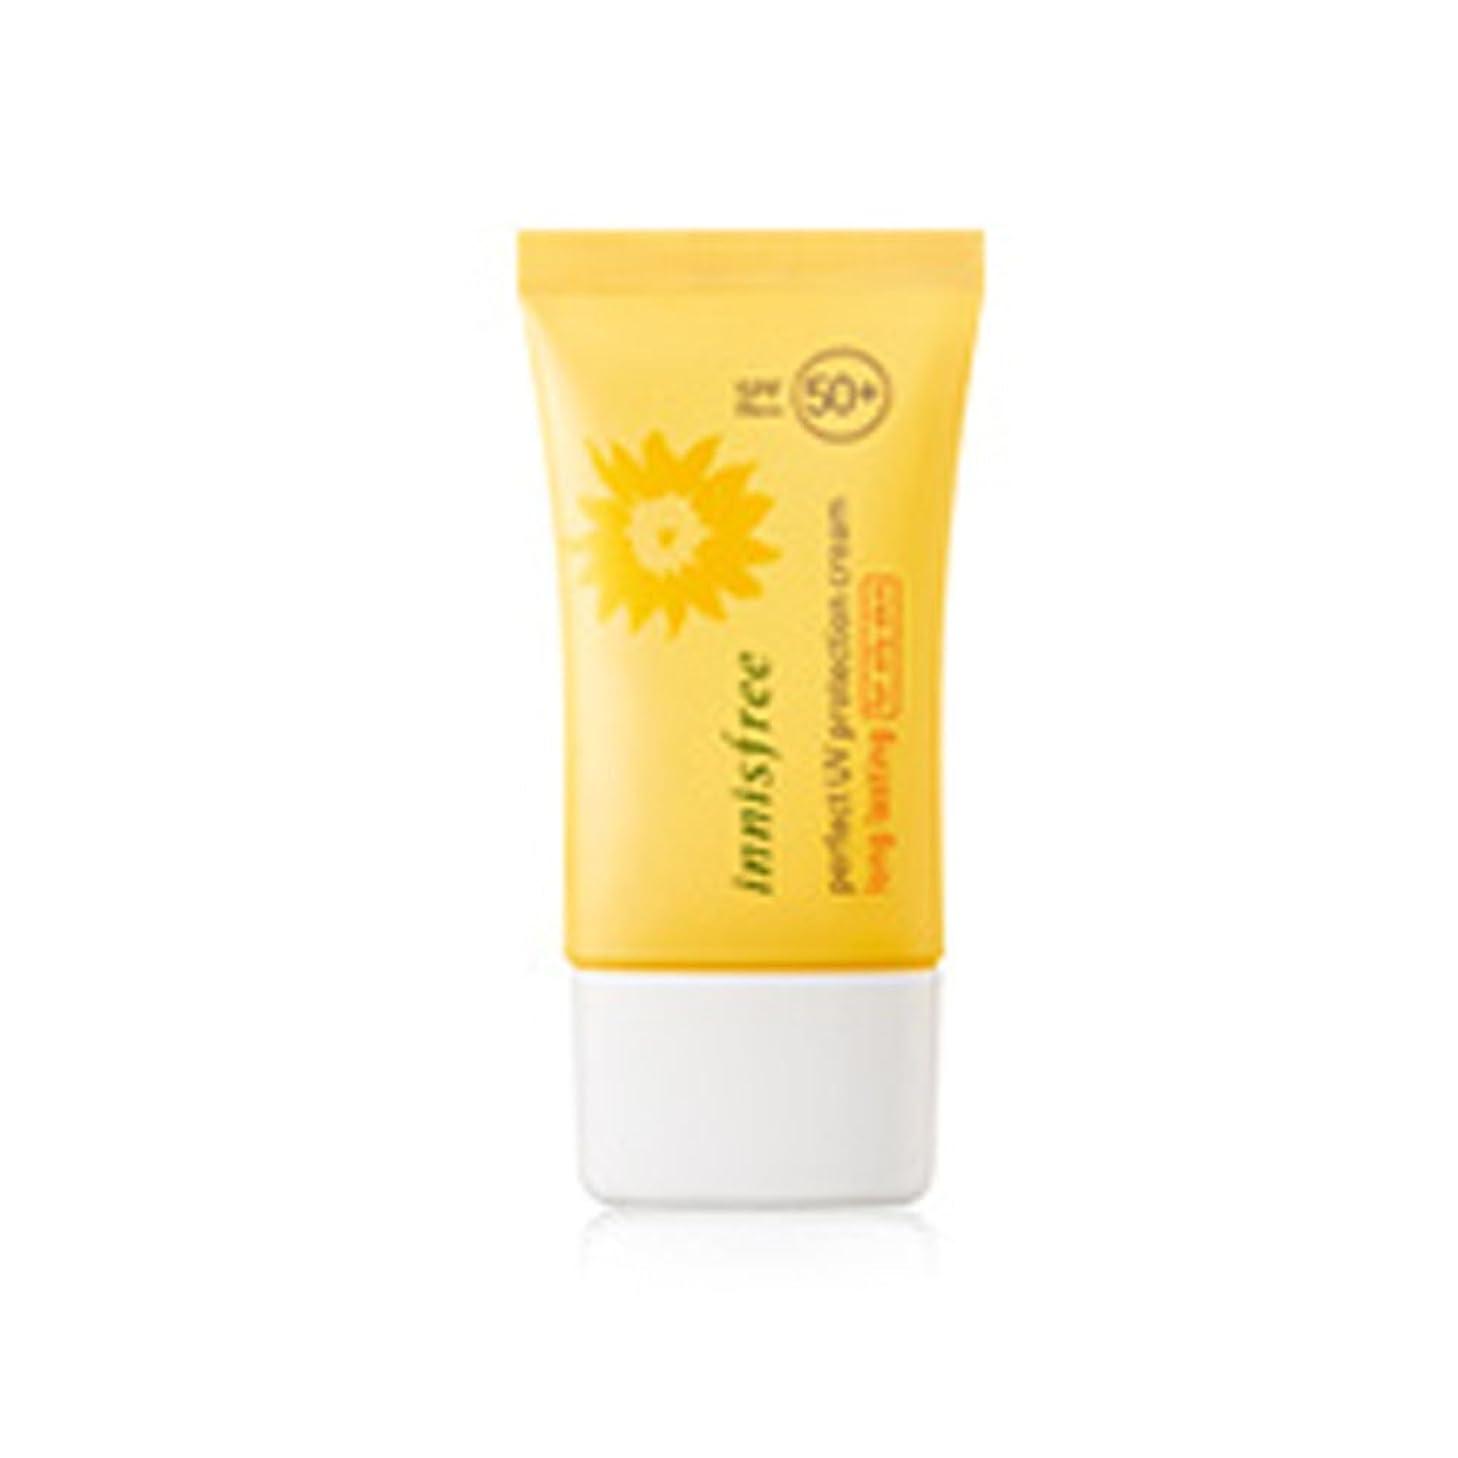 行進ご近所家畜イニスフリーパーフェクトUVプロテクションクリームロングサロン/オイリースキン用50ml SPF50 + PA +++ Innisfree Perfect UV Protection Cream_Long lasting/For Oily skin_ 50ml SPF50+ PA+++ [海外直送品][並行輸入品]